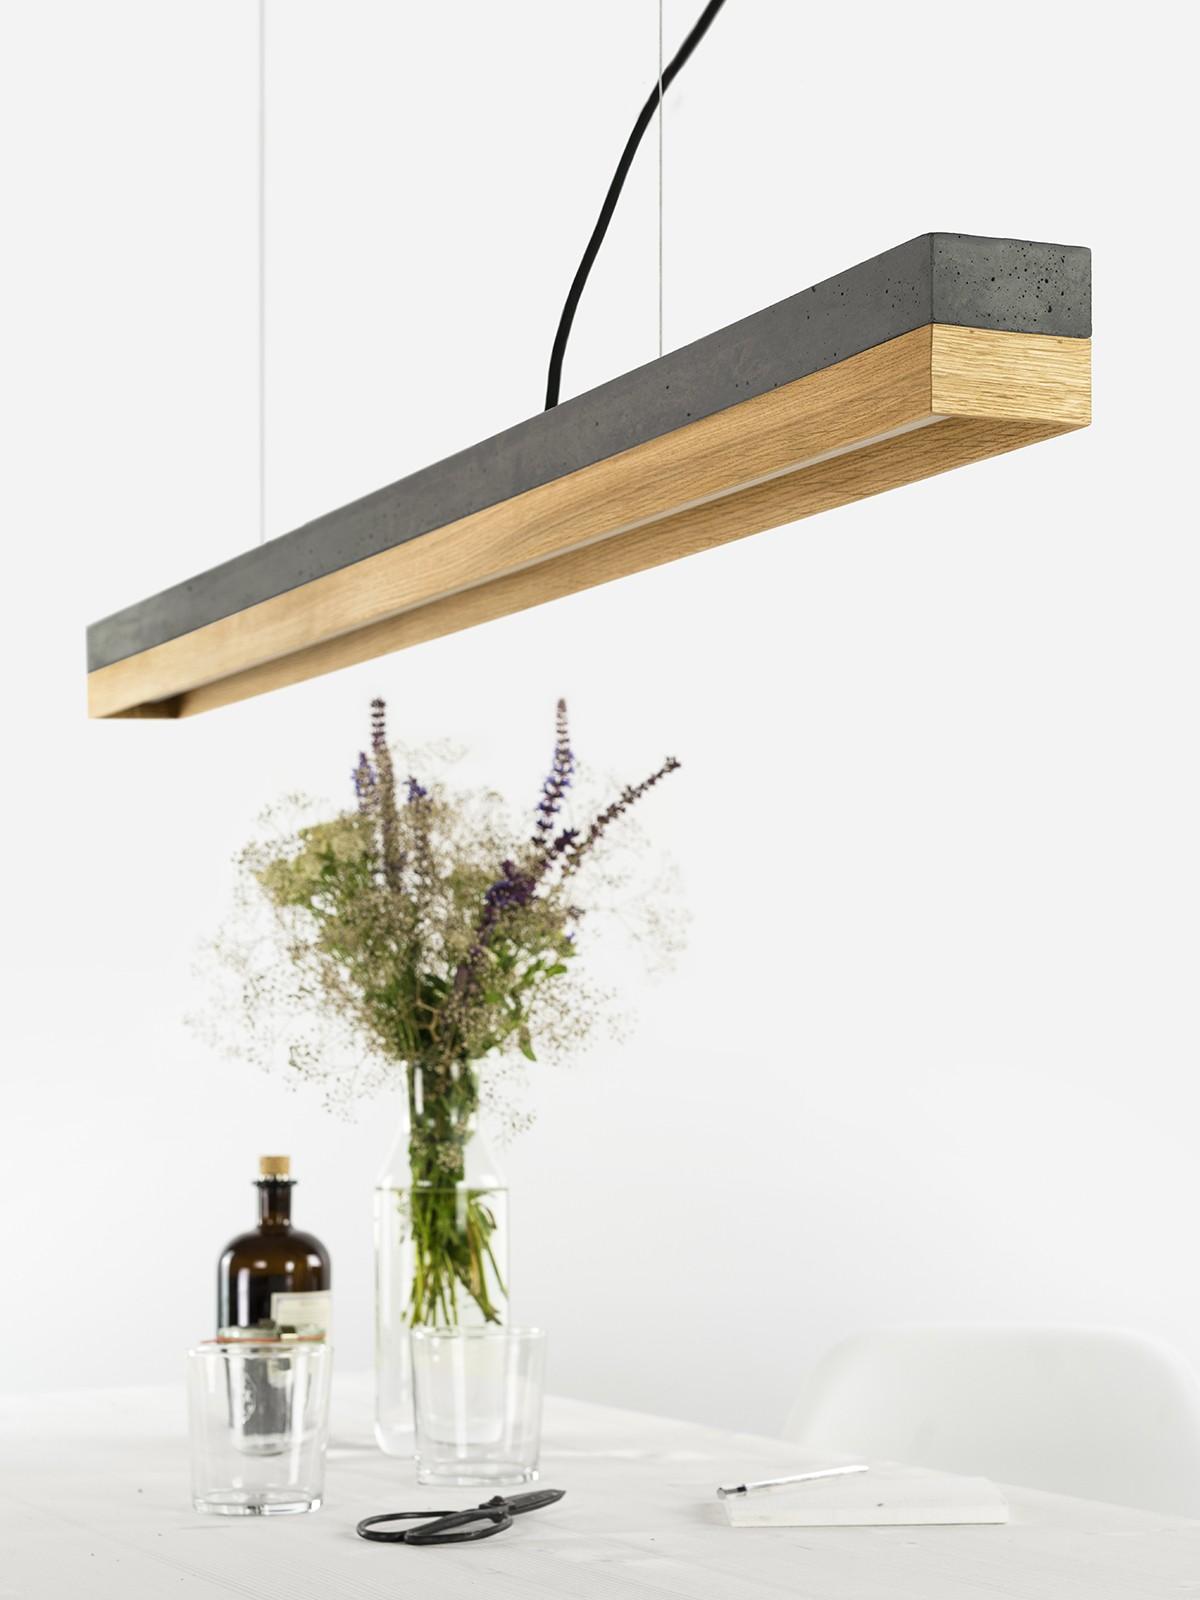 140916_C1_Beton_dunkel_Eichenholz_Lampe_u_ber_Tisch Schöne Lampe Mit Mehreren Lampenschirmen Dekorationen